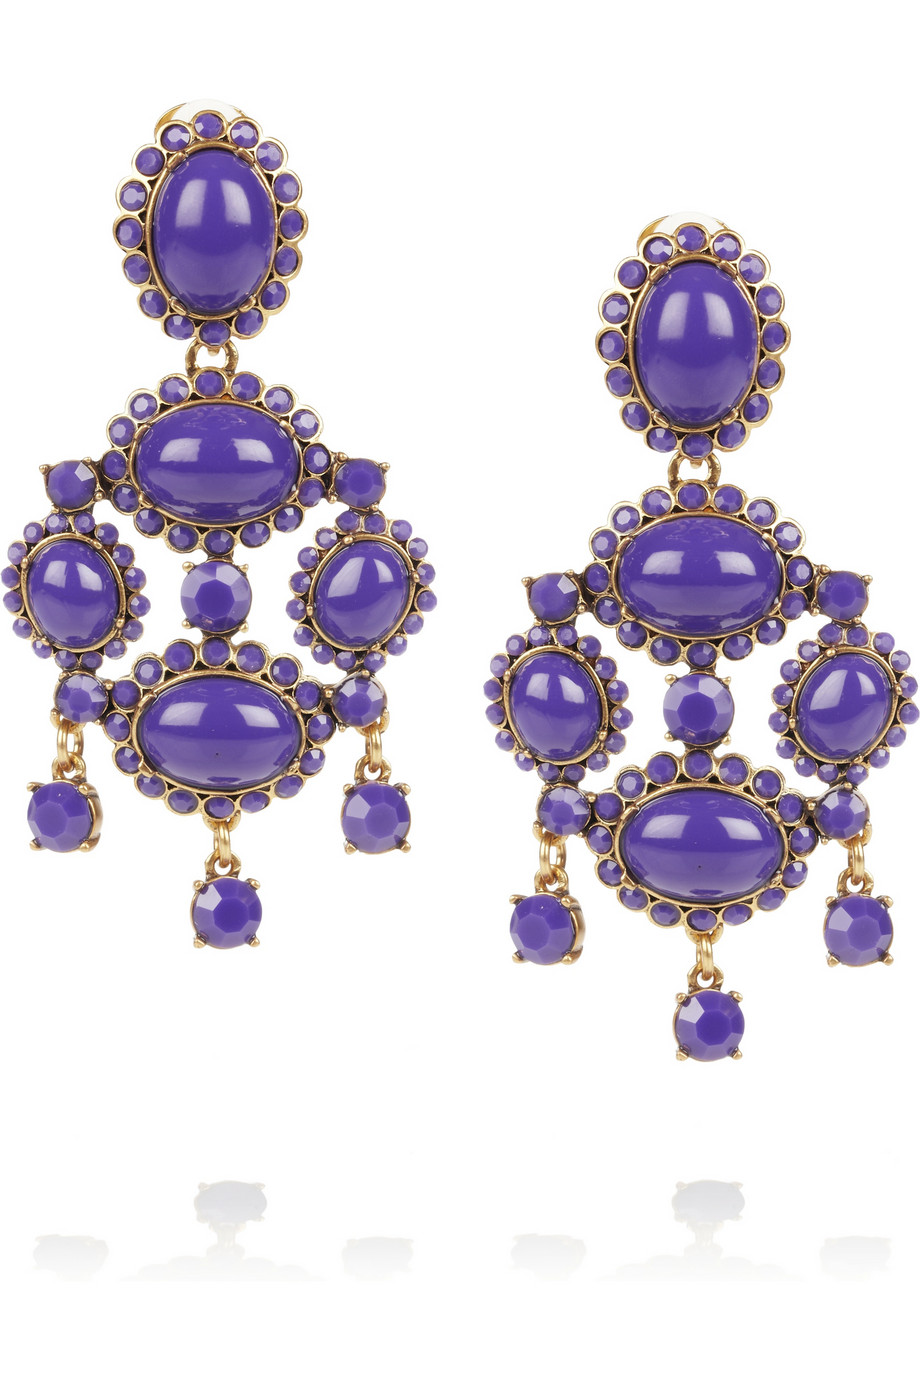 Oscar De La Renta Pear Shaped Stone Clip On Earrings In